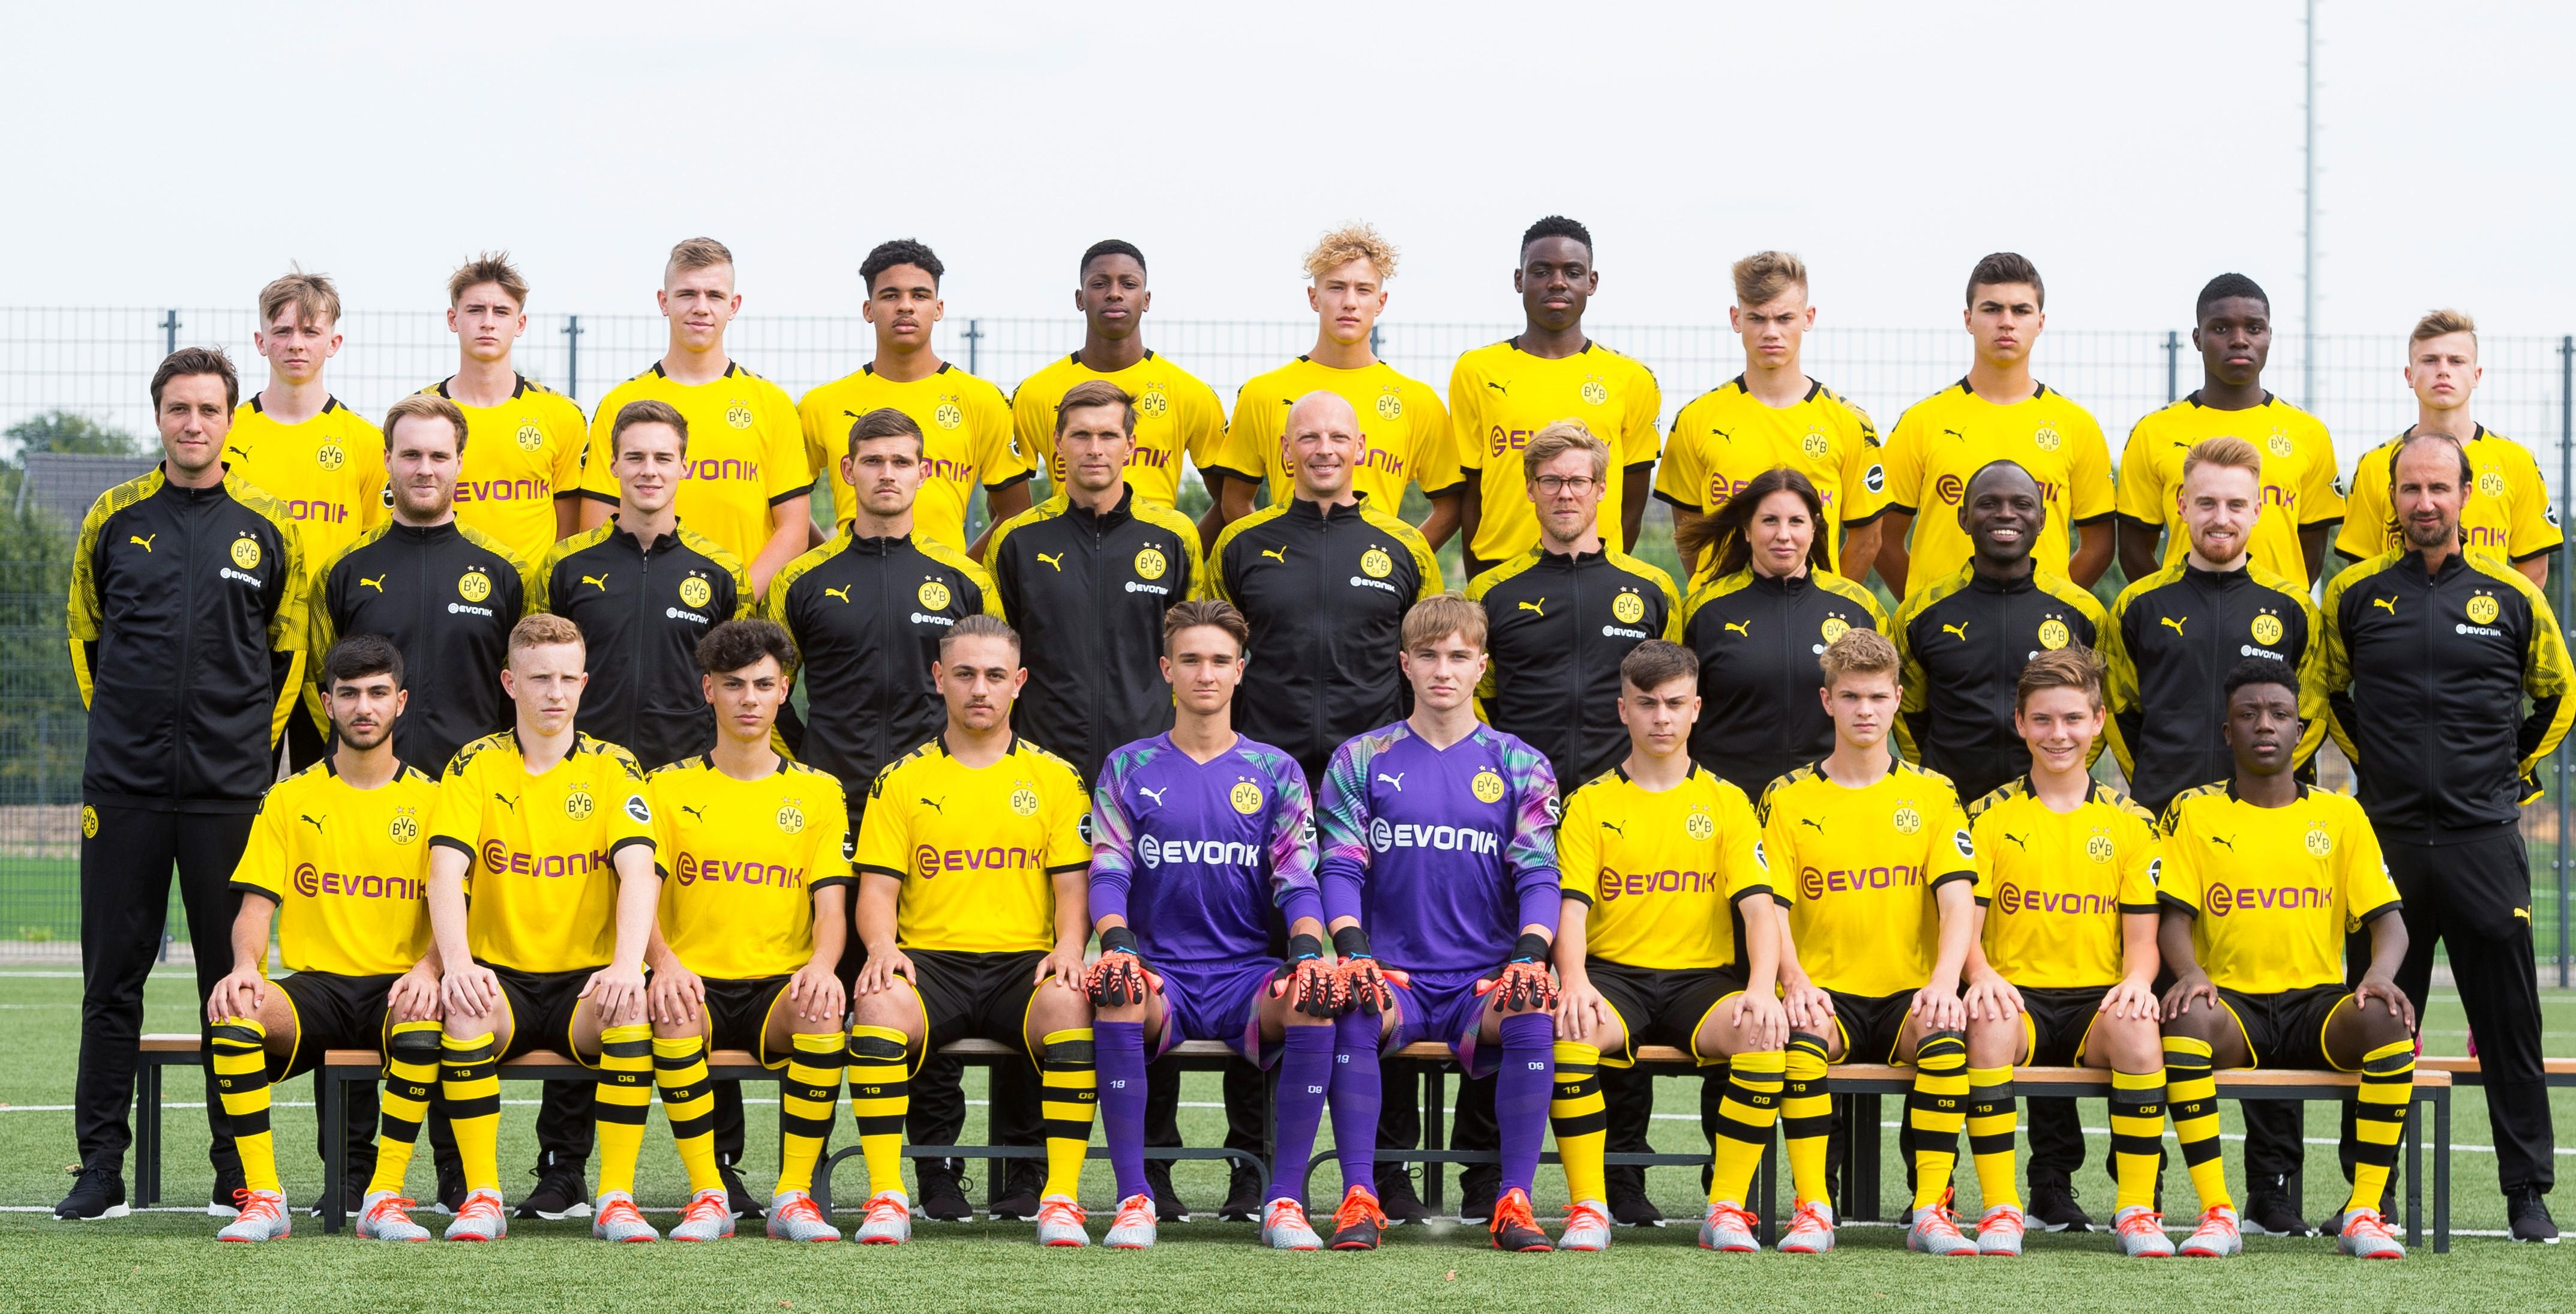 U16 Kader Saison 2019 2020 Bvb2004er